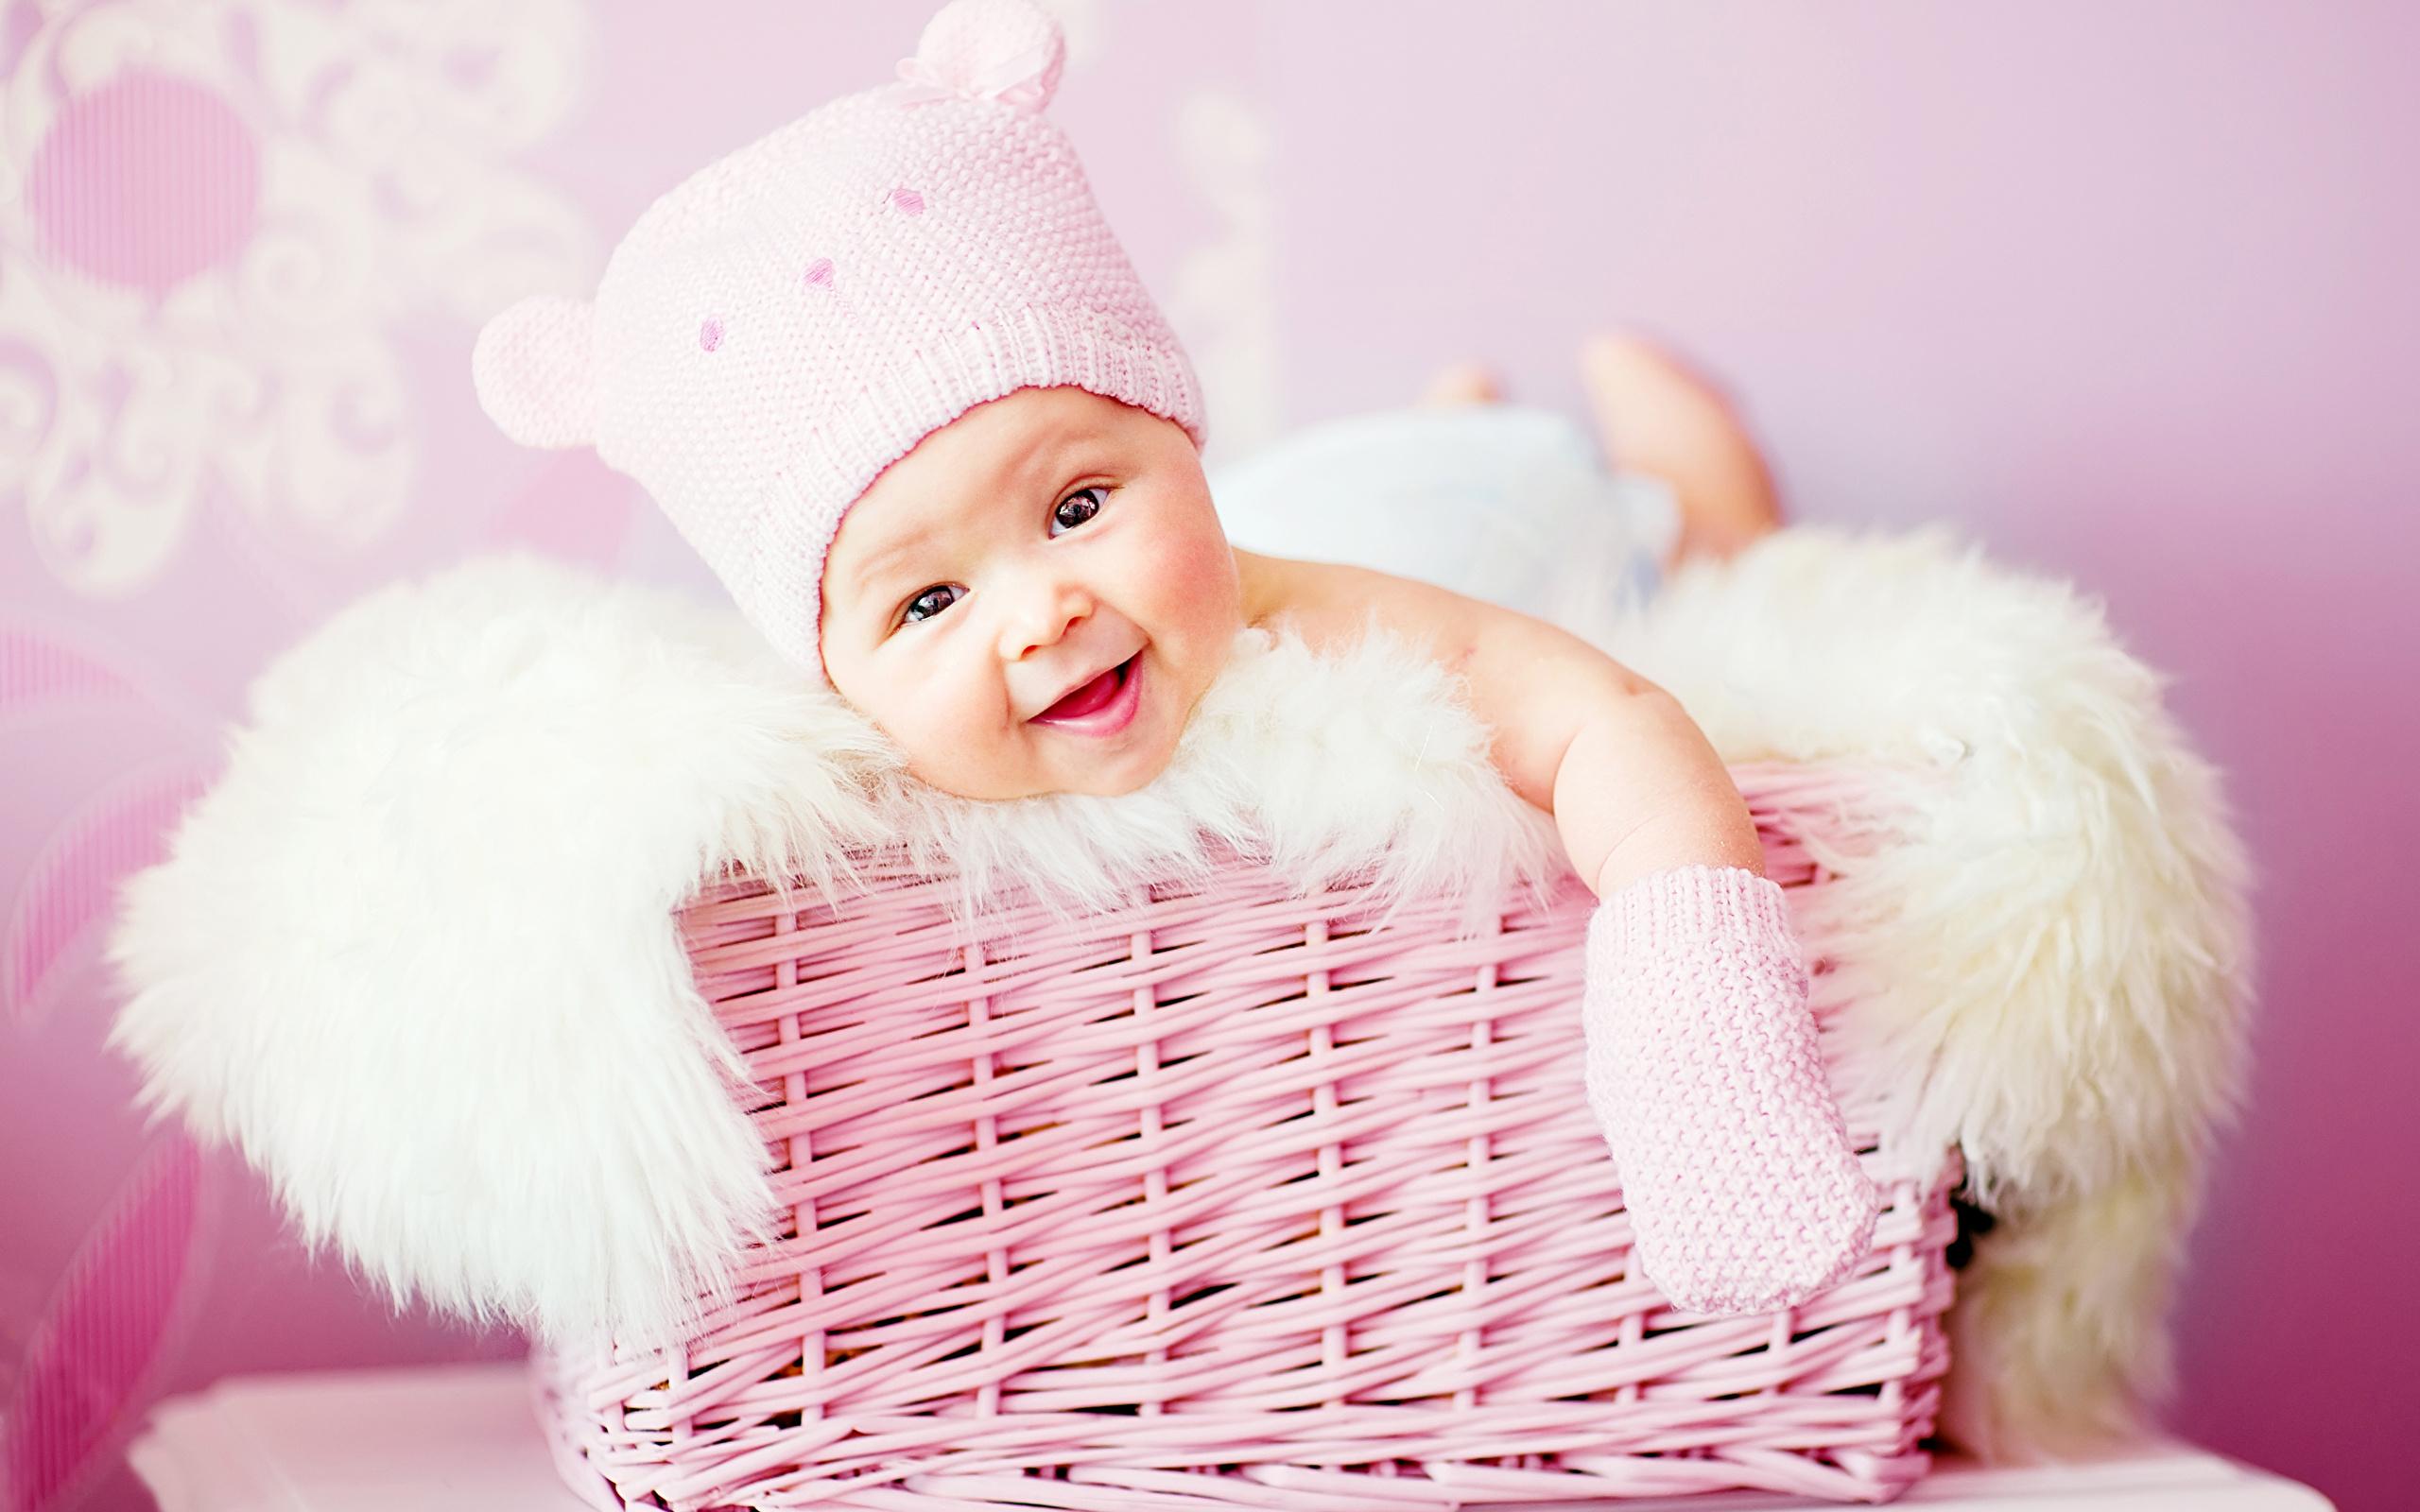 Девочка в вязаной шапочке  № 1822013 без смс